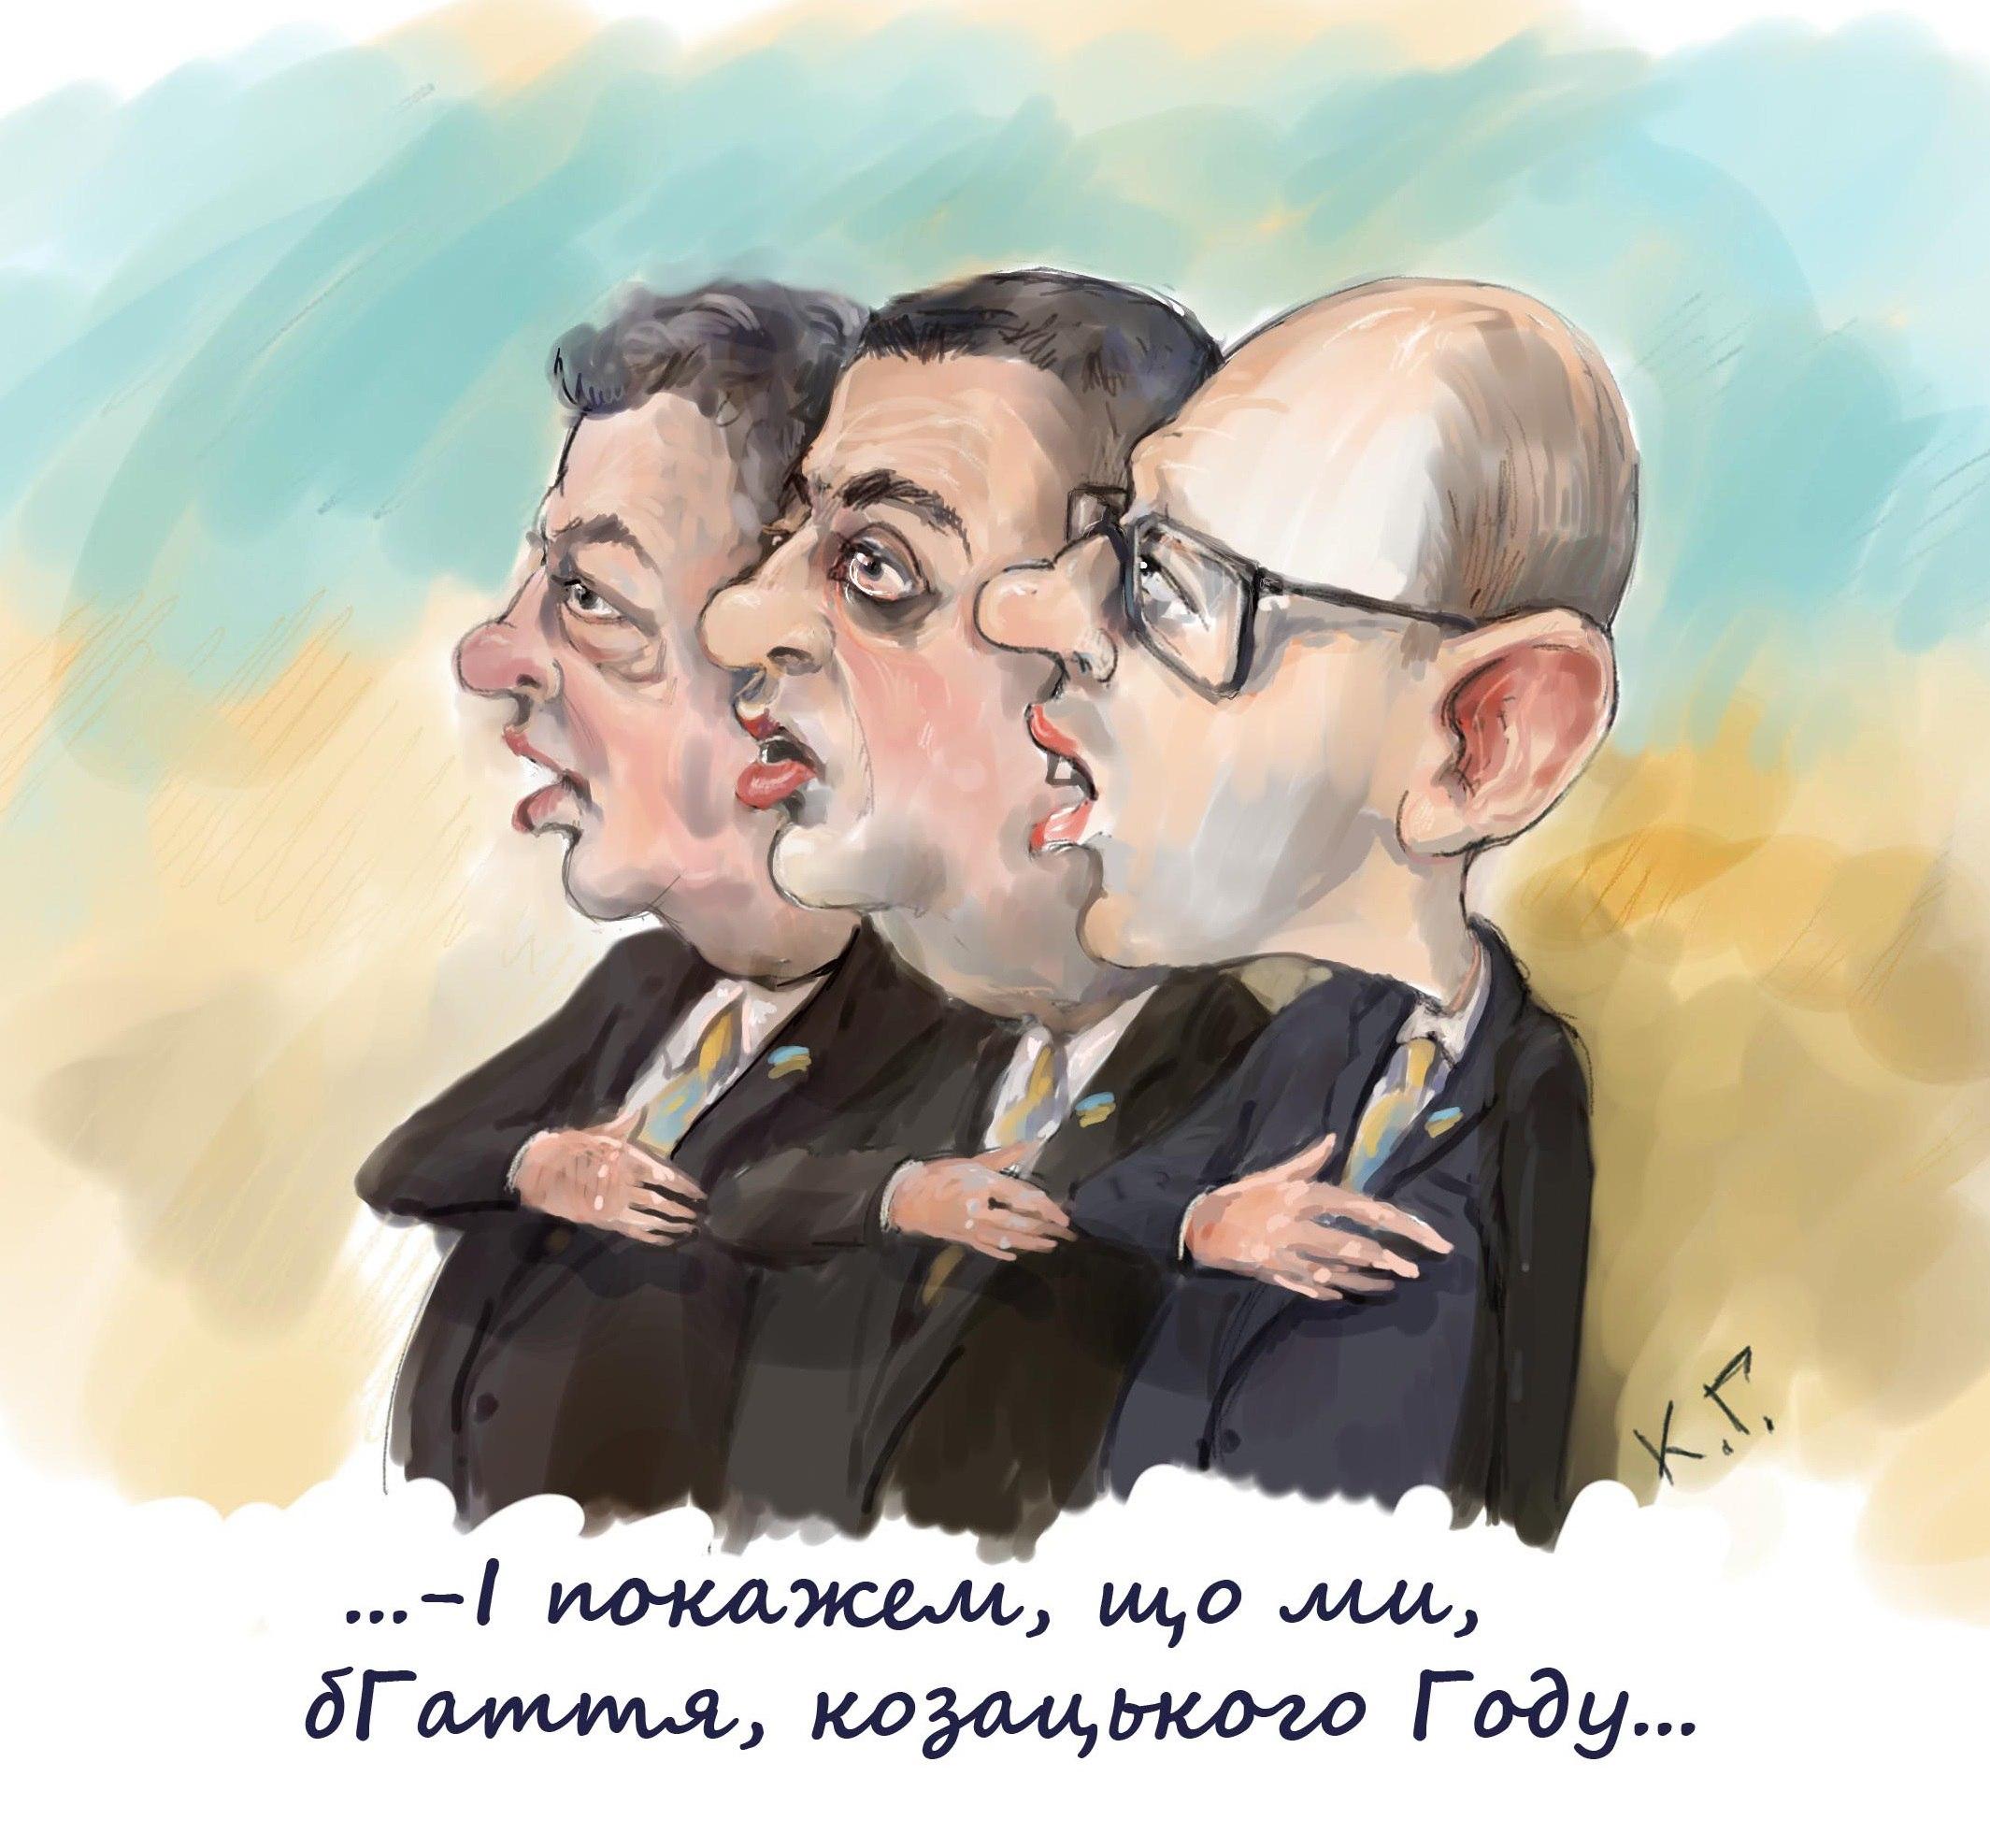 Гройсман рассказал, о чем договорились депутаты на встрече с Яценюком и Яресько - Цензор.НЕТ 2709